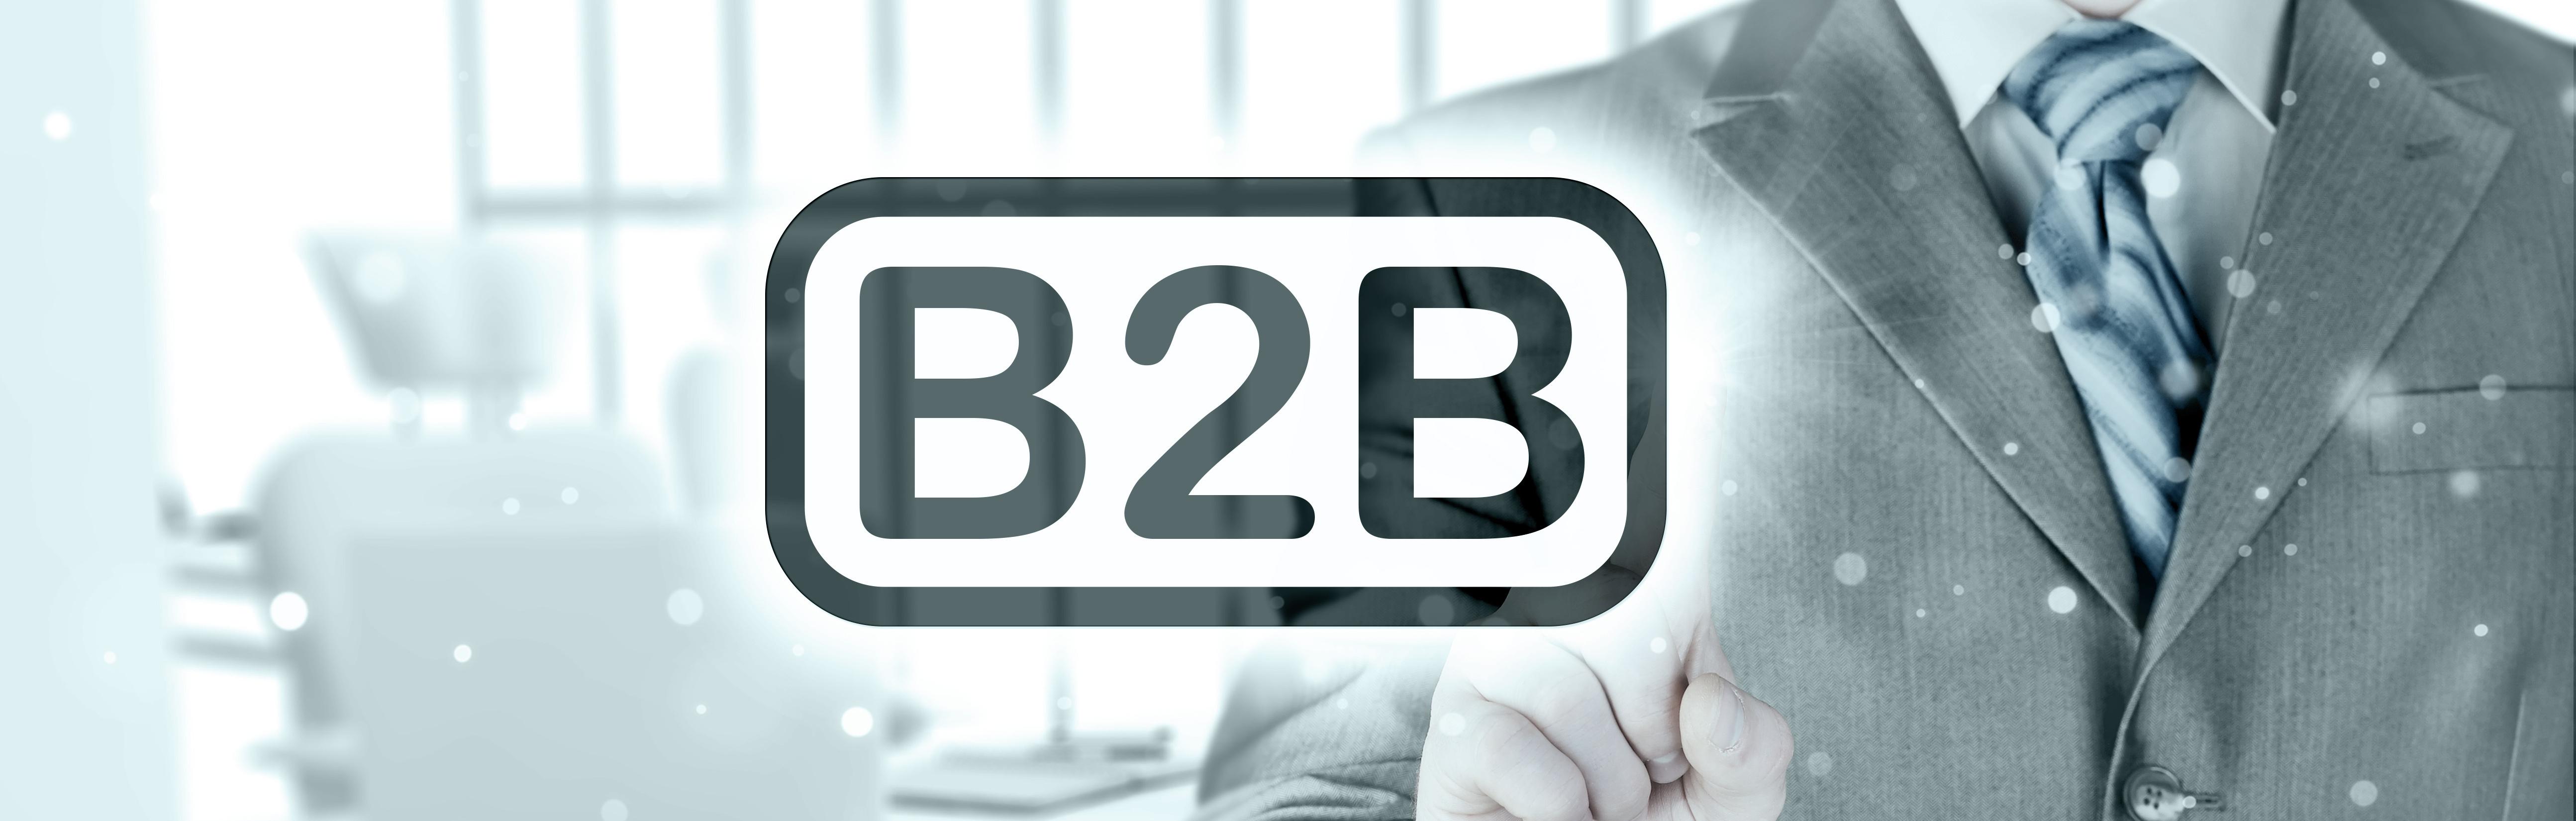 Особенности рекламы B2B. Каковы возможности и для чего нужно